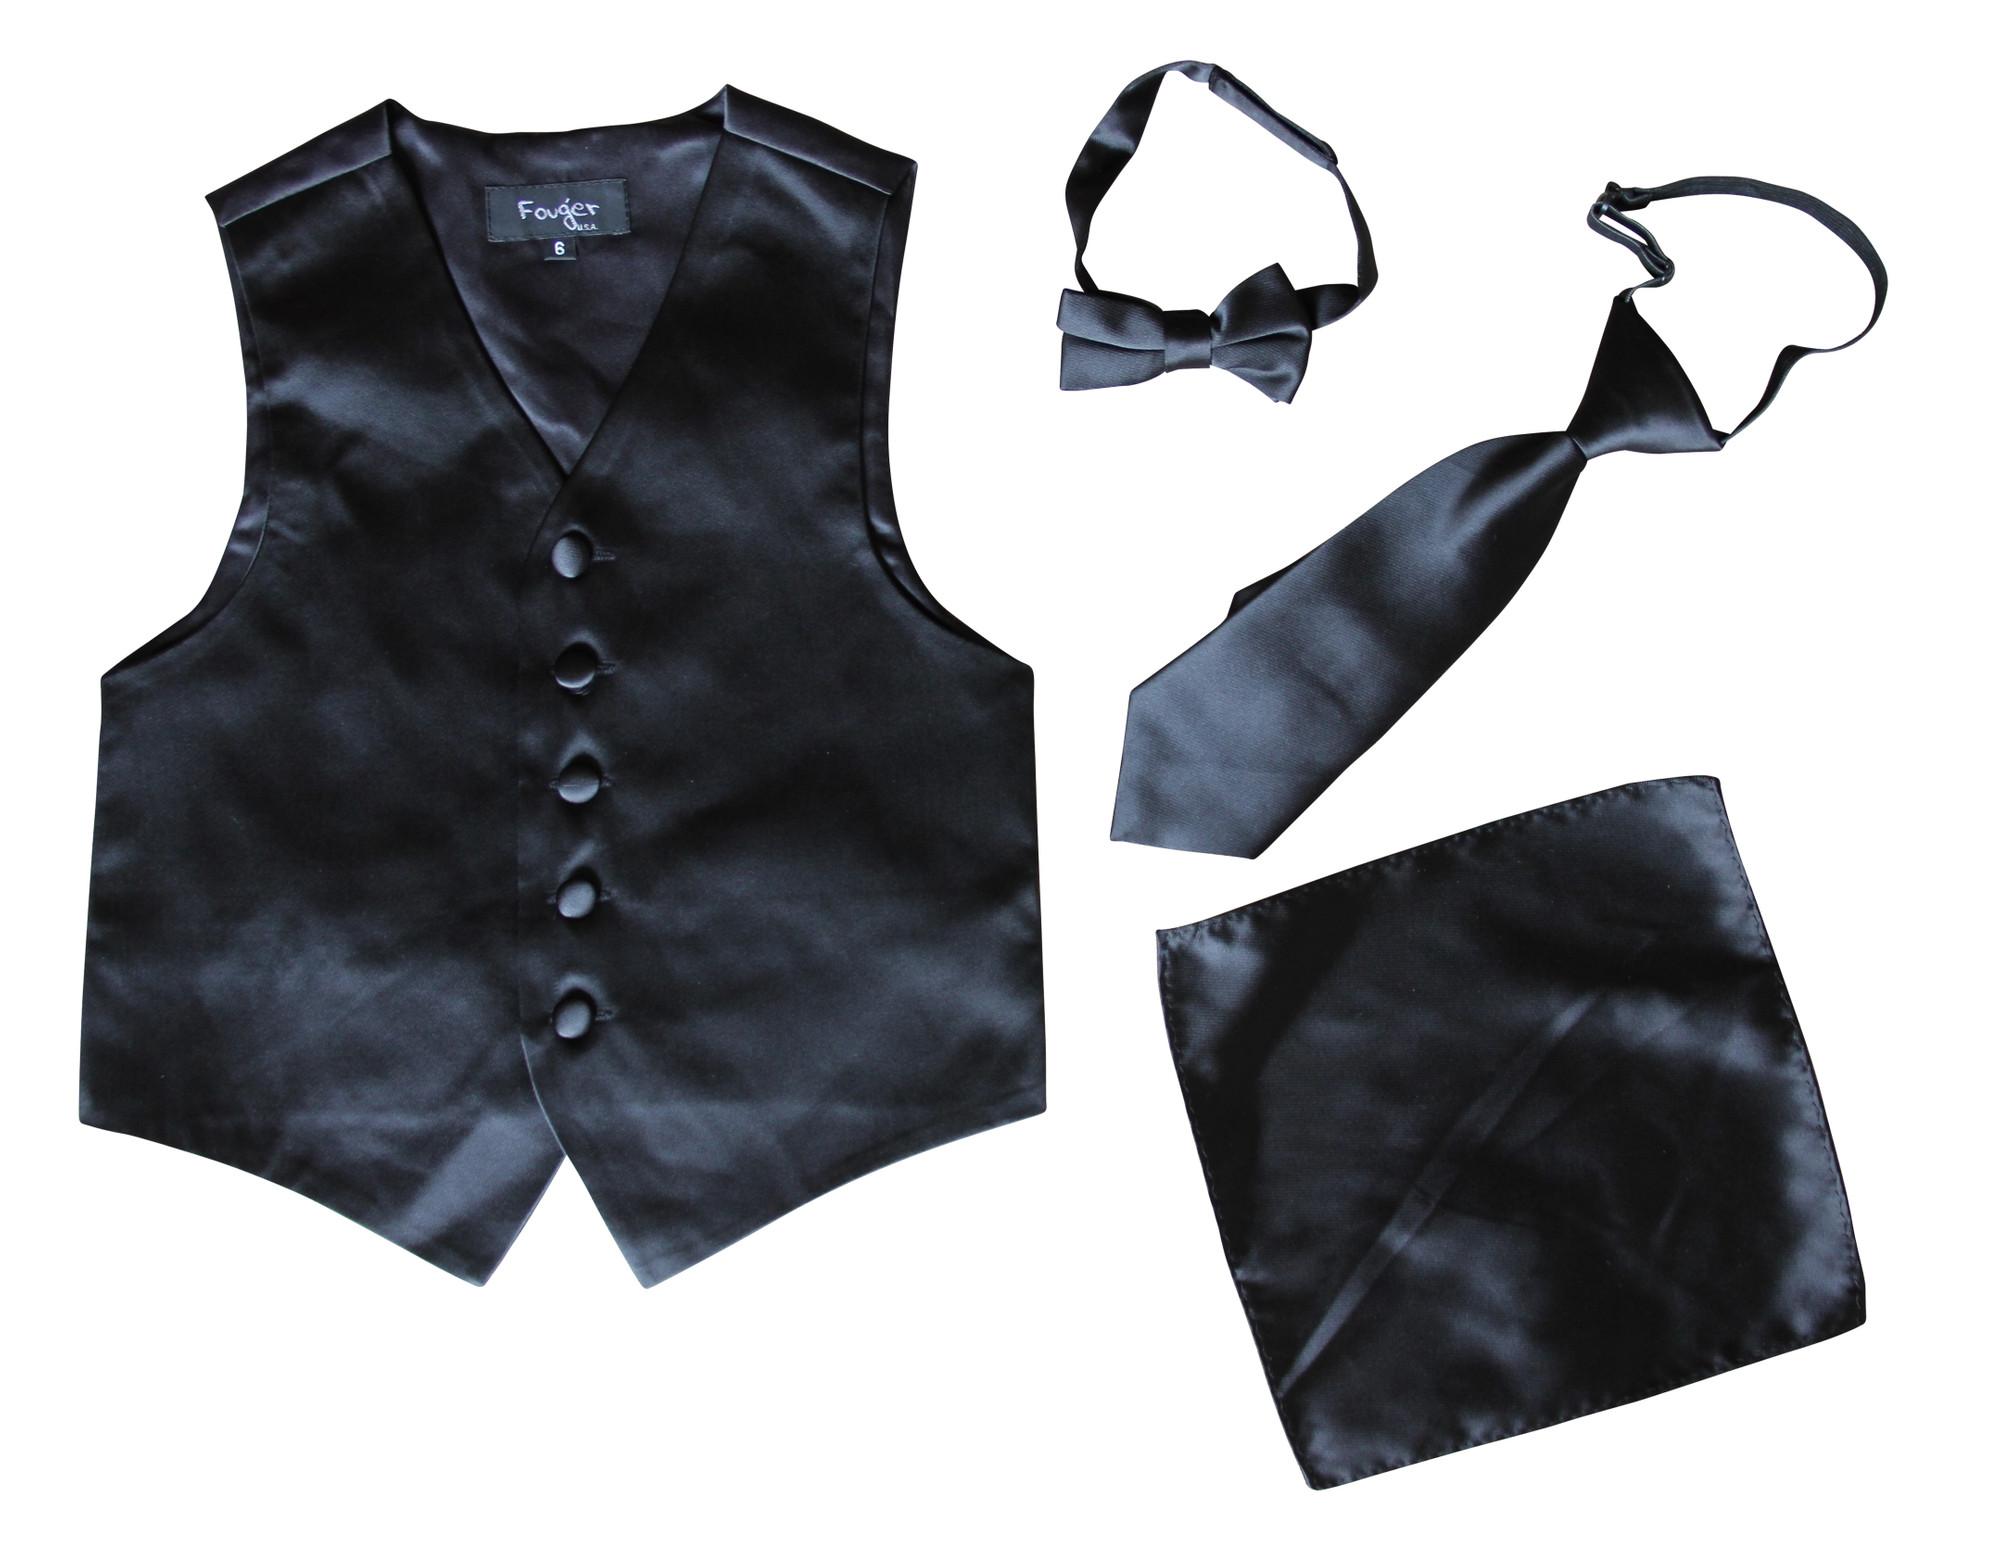 BIMARO Jungen Anzug Weste Alex schwarz Set Weste Krawatte Fliege Tuch festlich Hochzeit Weihnachten Kommunion Taufe 001